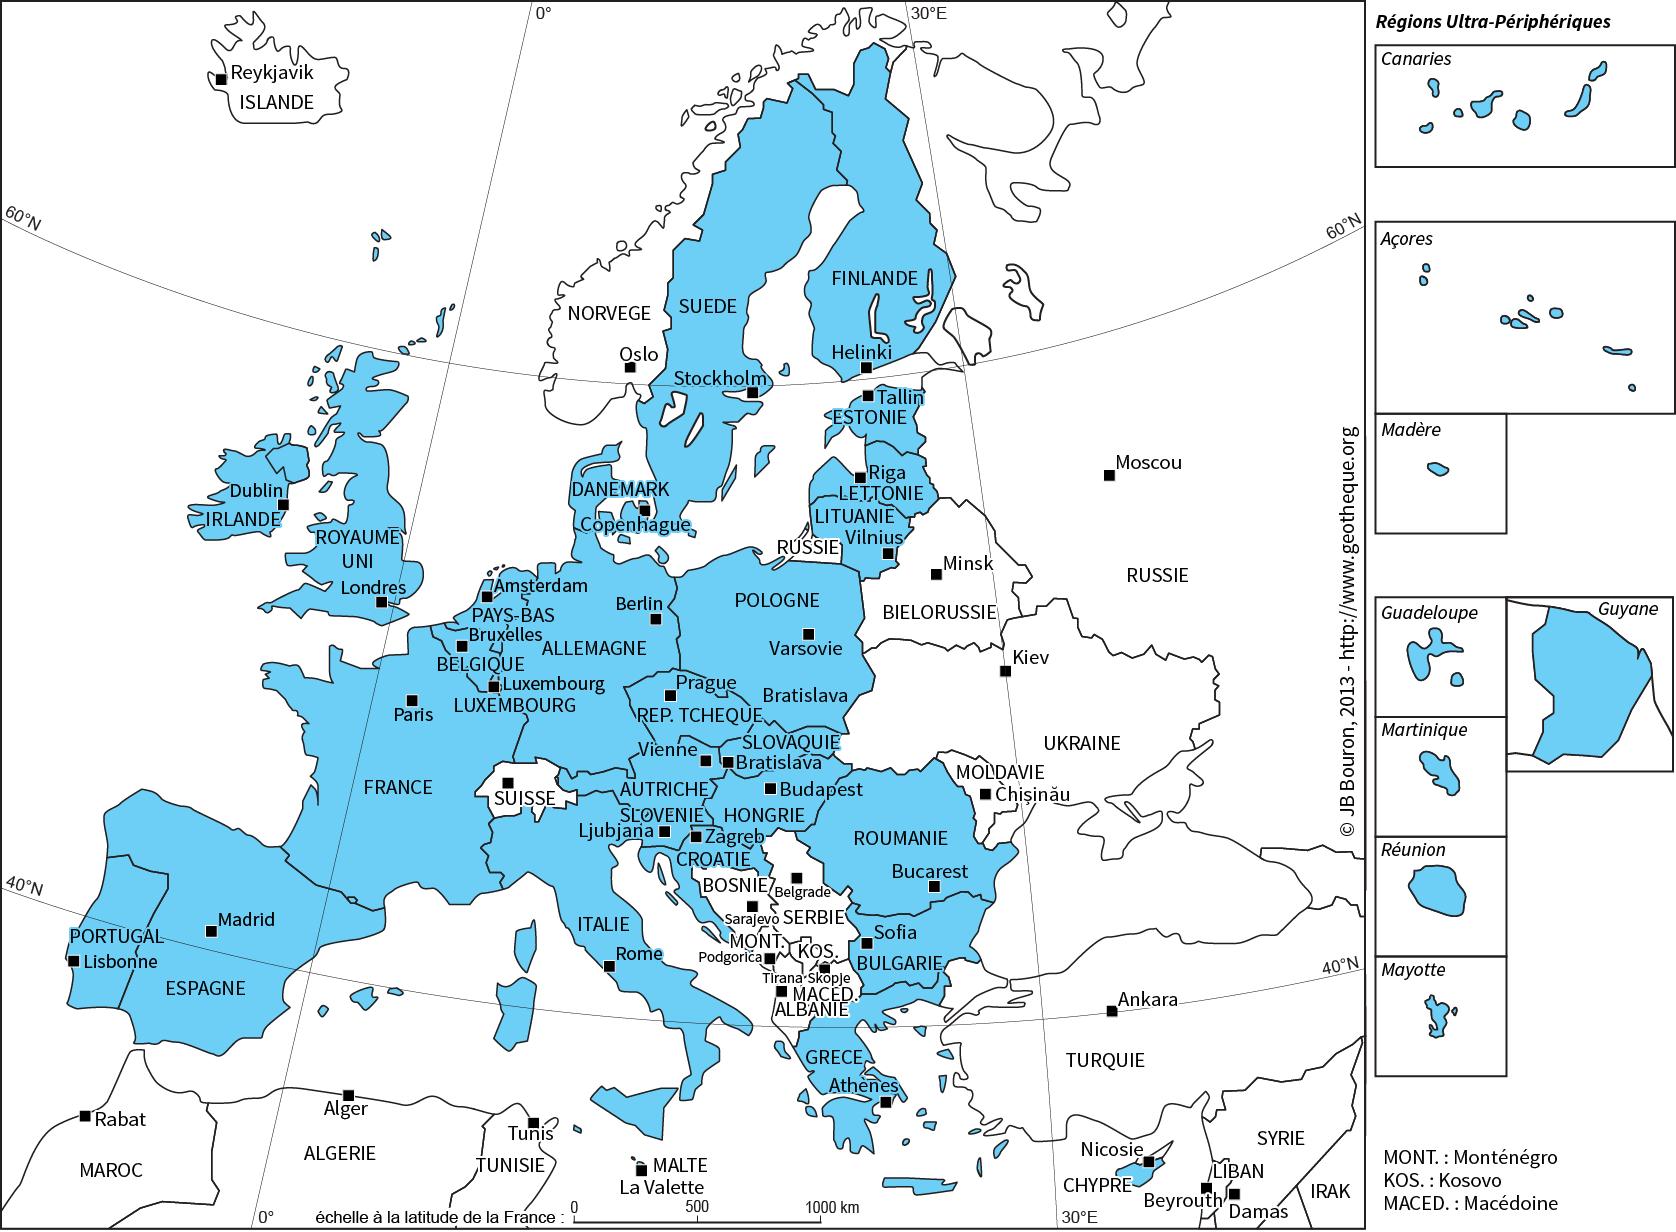 Les Pays De L'union Avec Leur Capitale encequiconcerne Carte D Europe Capitale